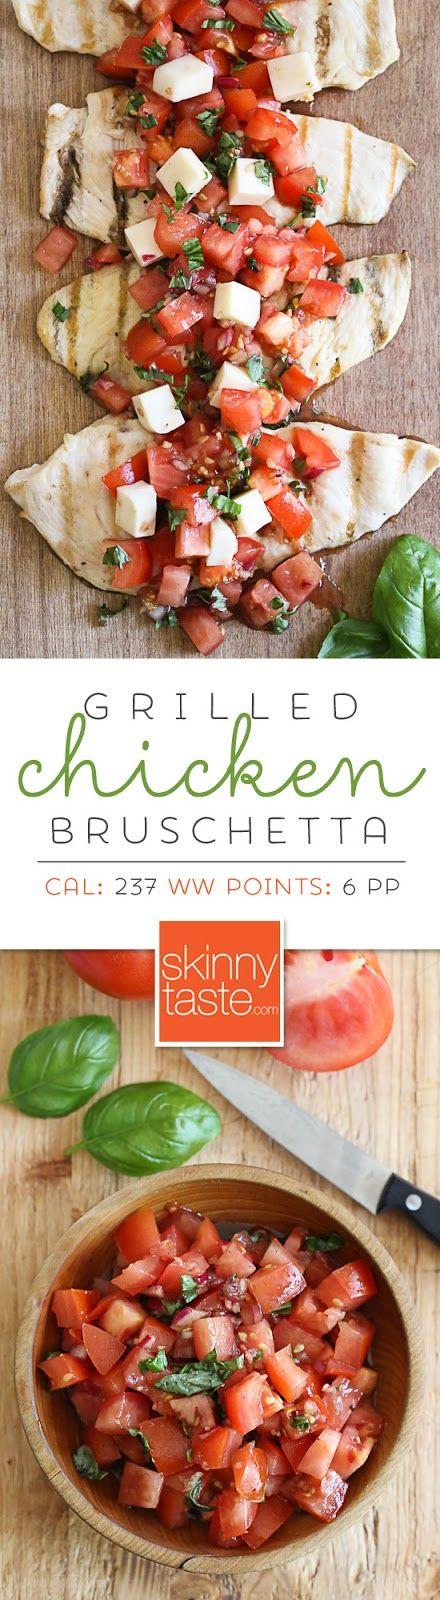 Grilled Chicken Bruschetta – a delicious, light summer dish!